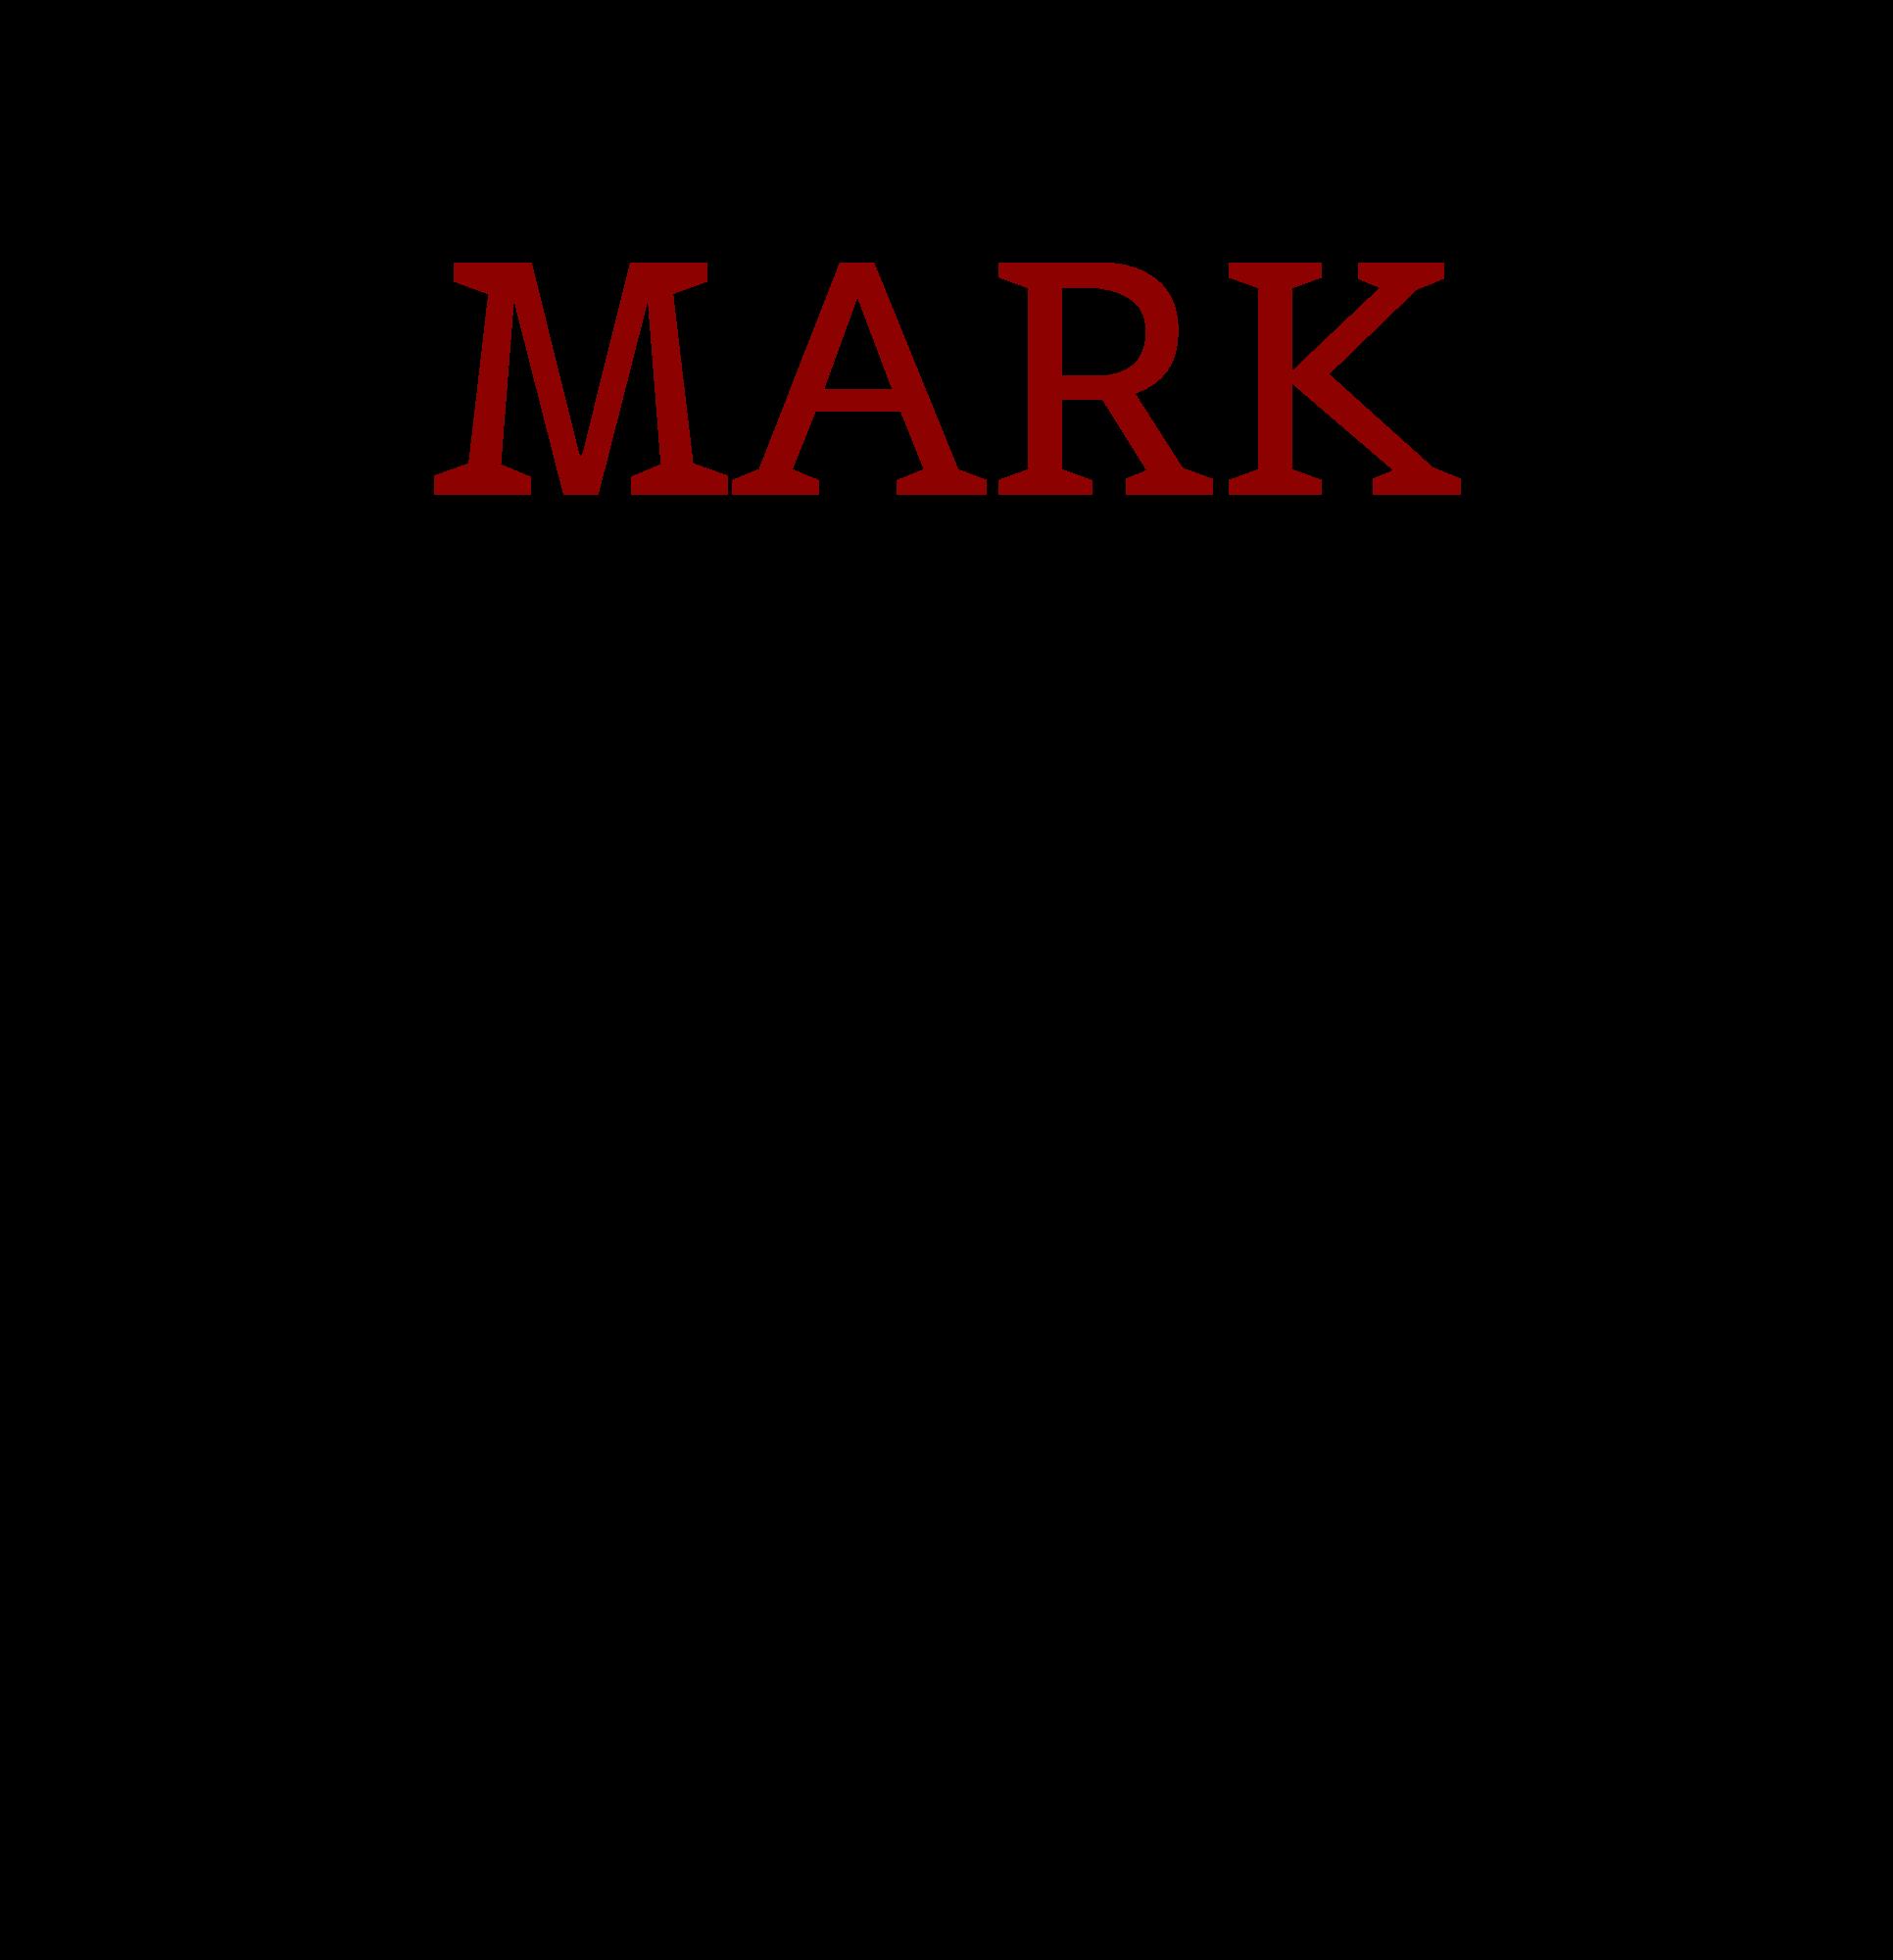 @MarkLiebrecht